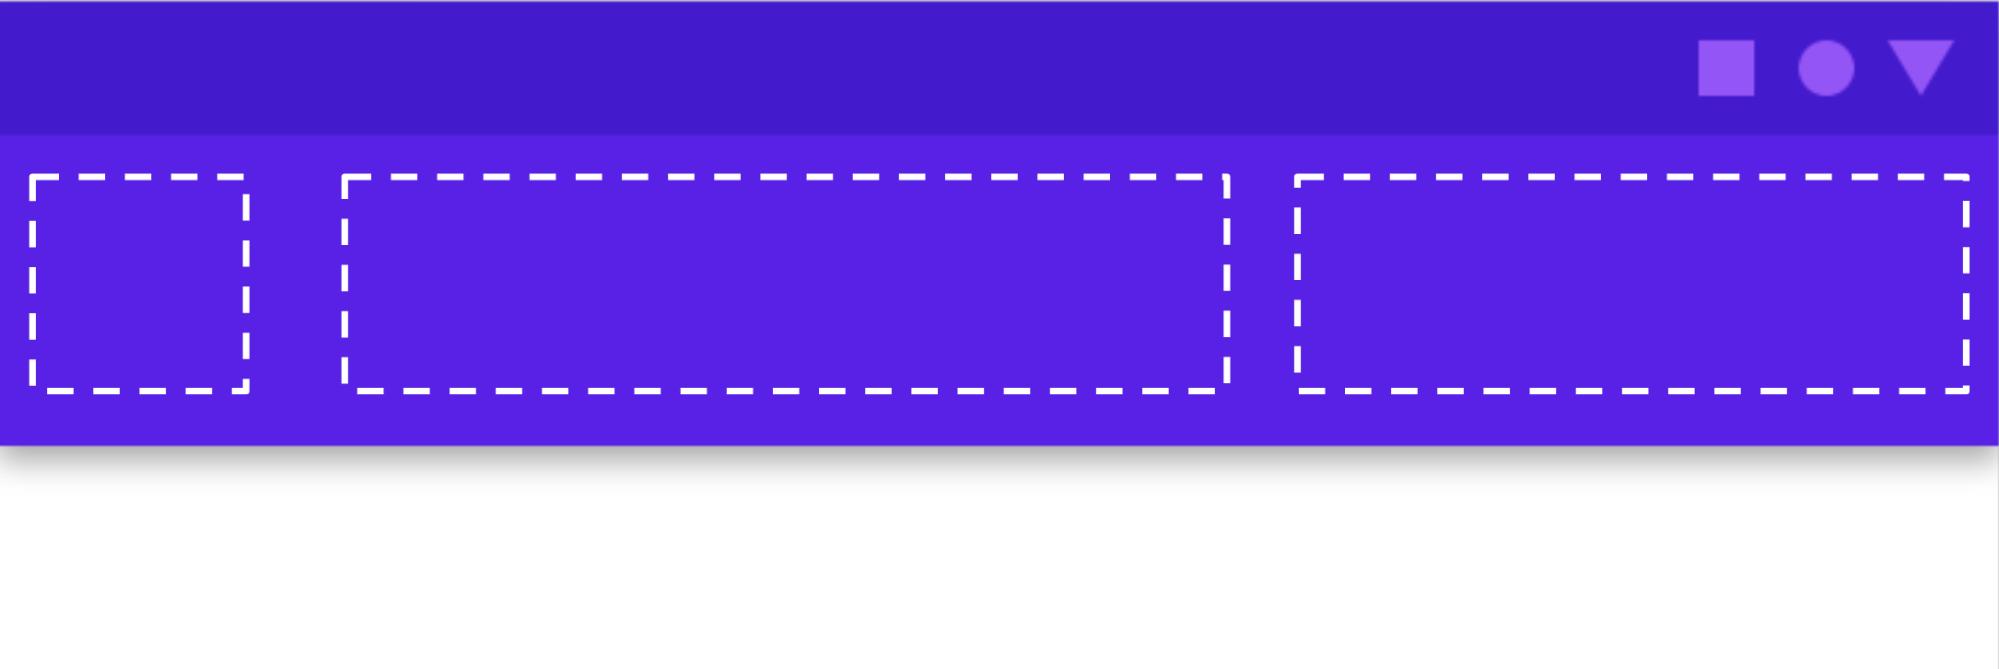 Diagrama mostrando os slots disponíveis em uma barra de apps com componentes do Material Design.